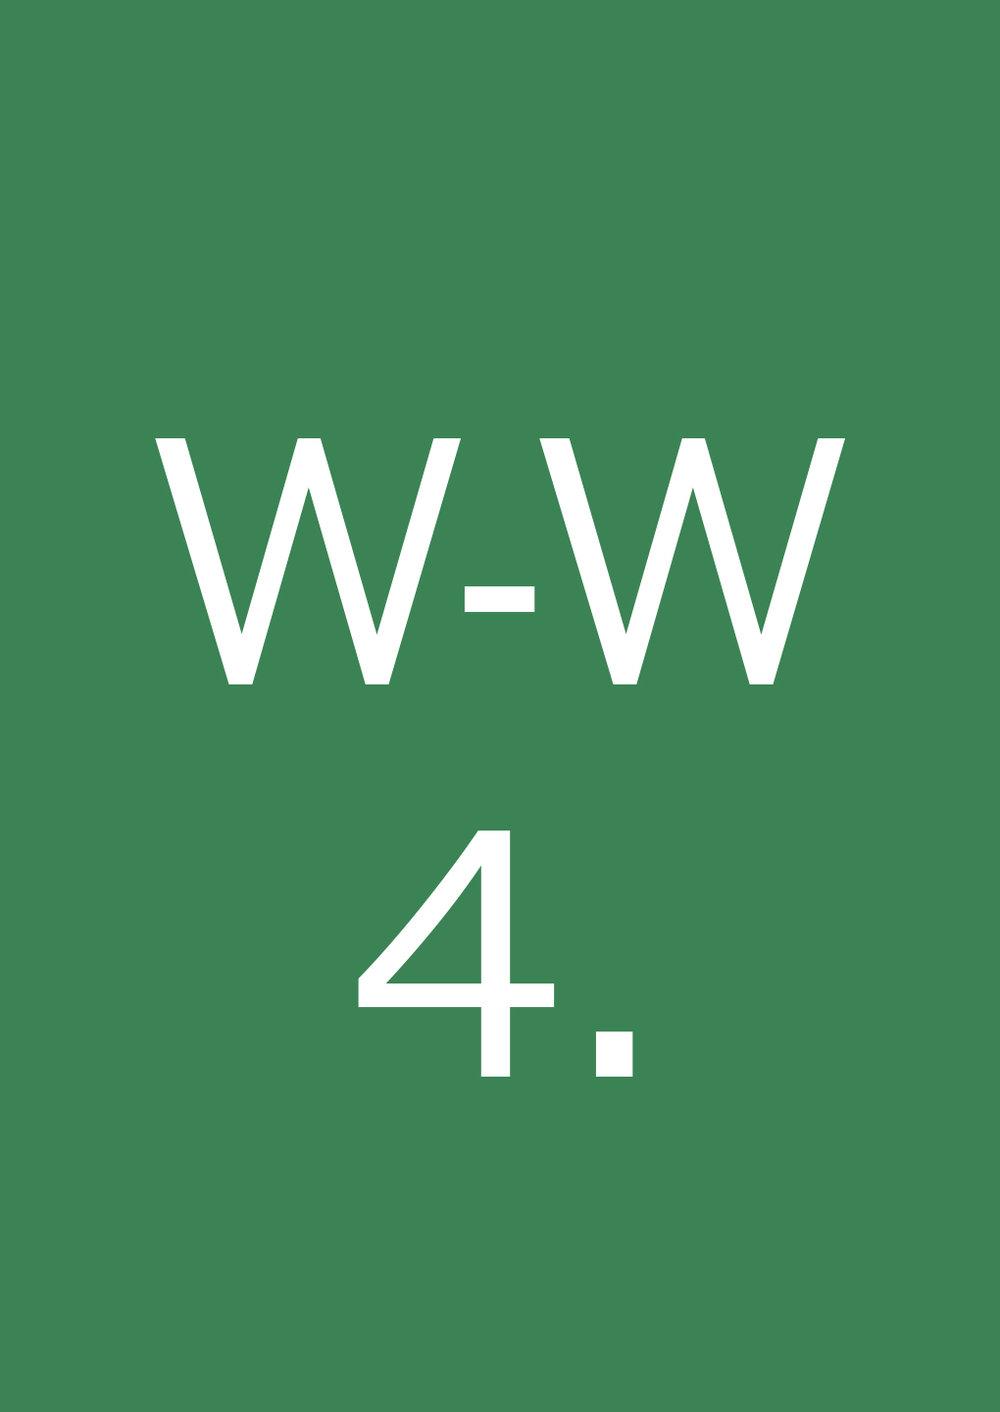 W-W 4.jpg